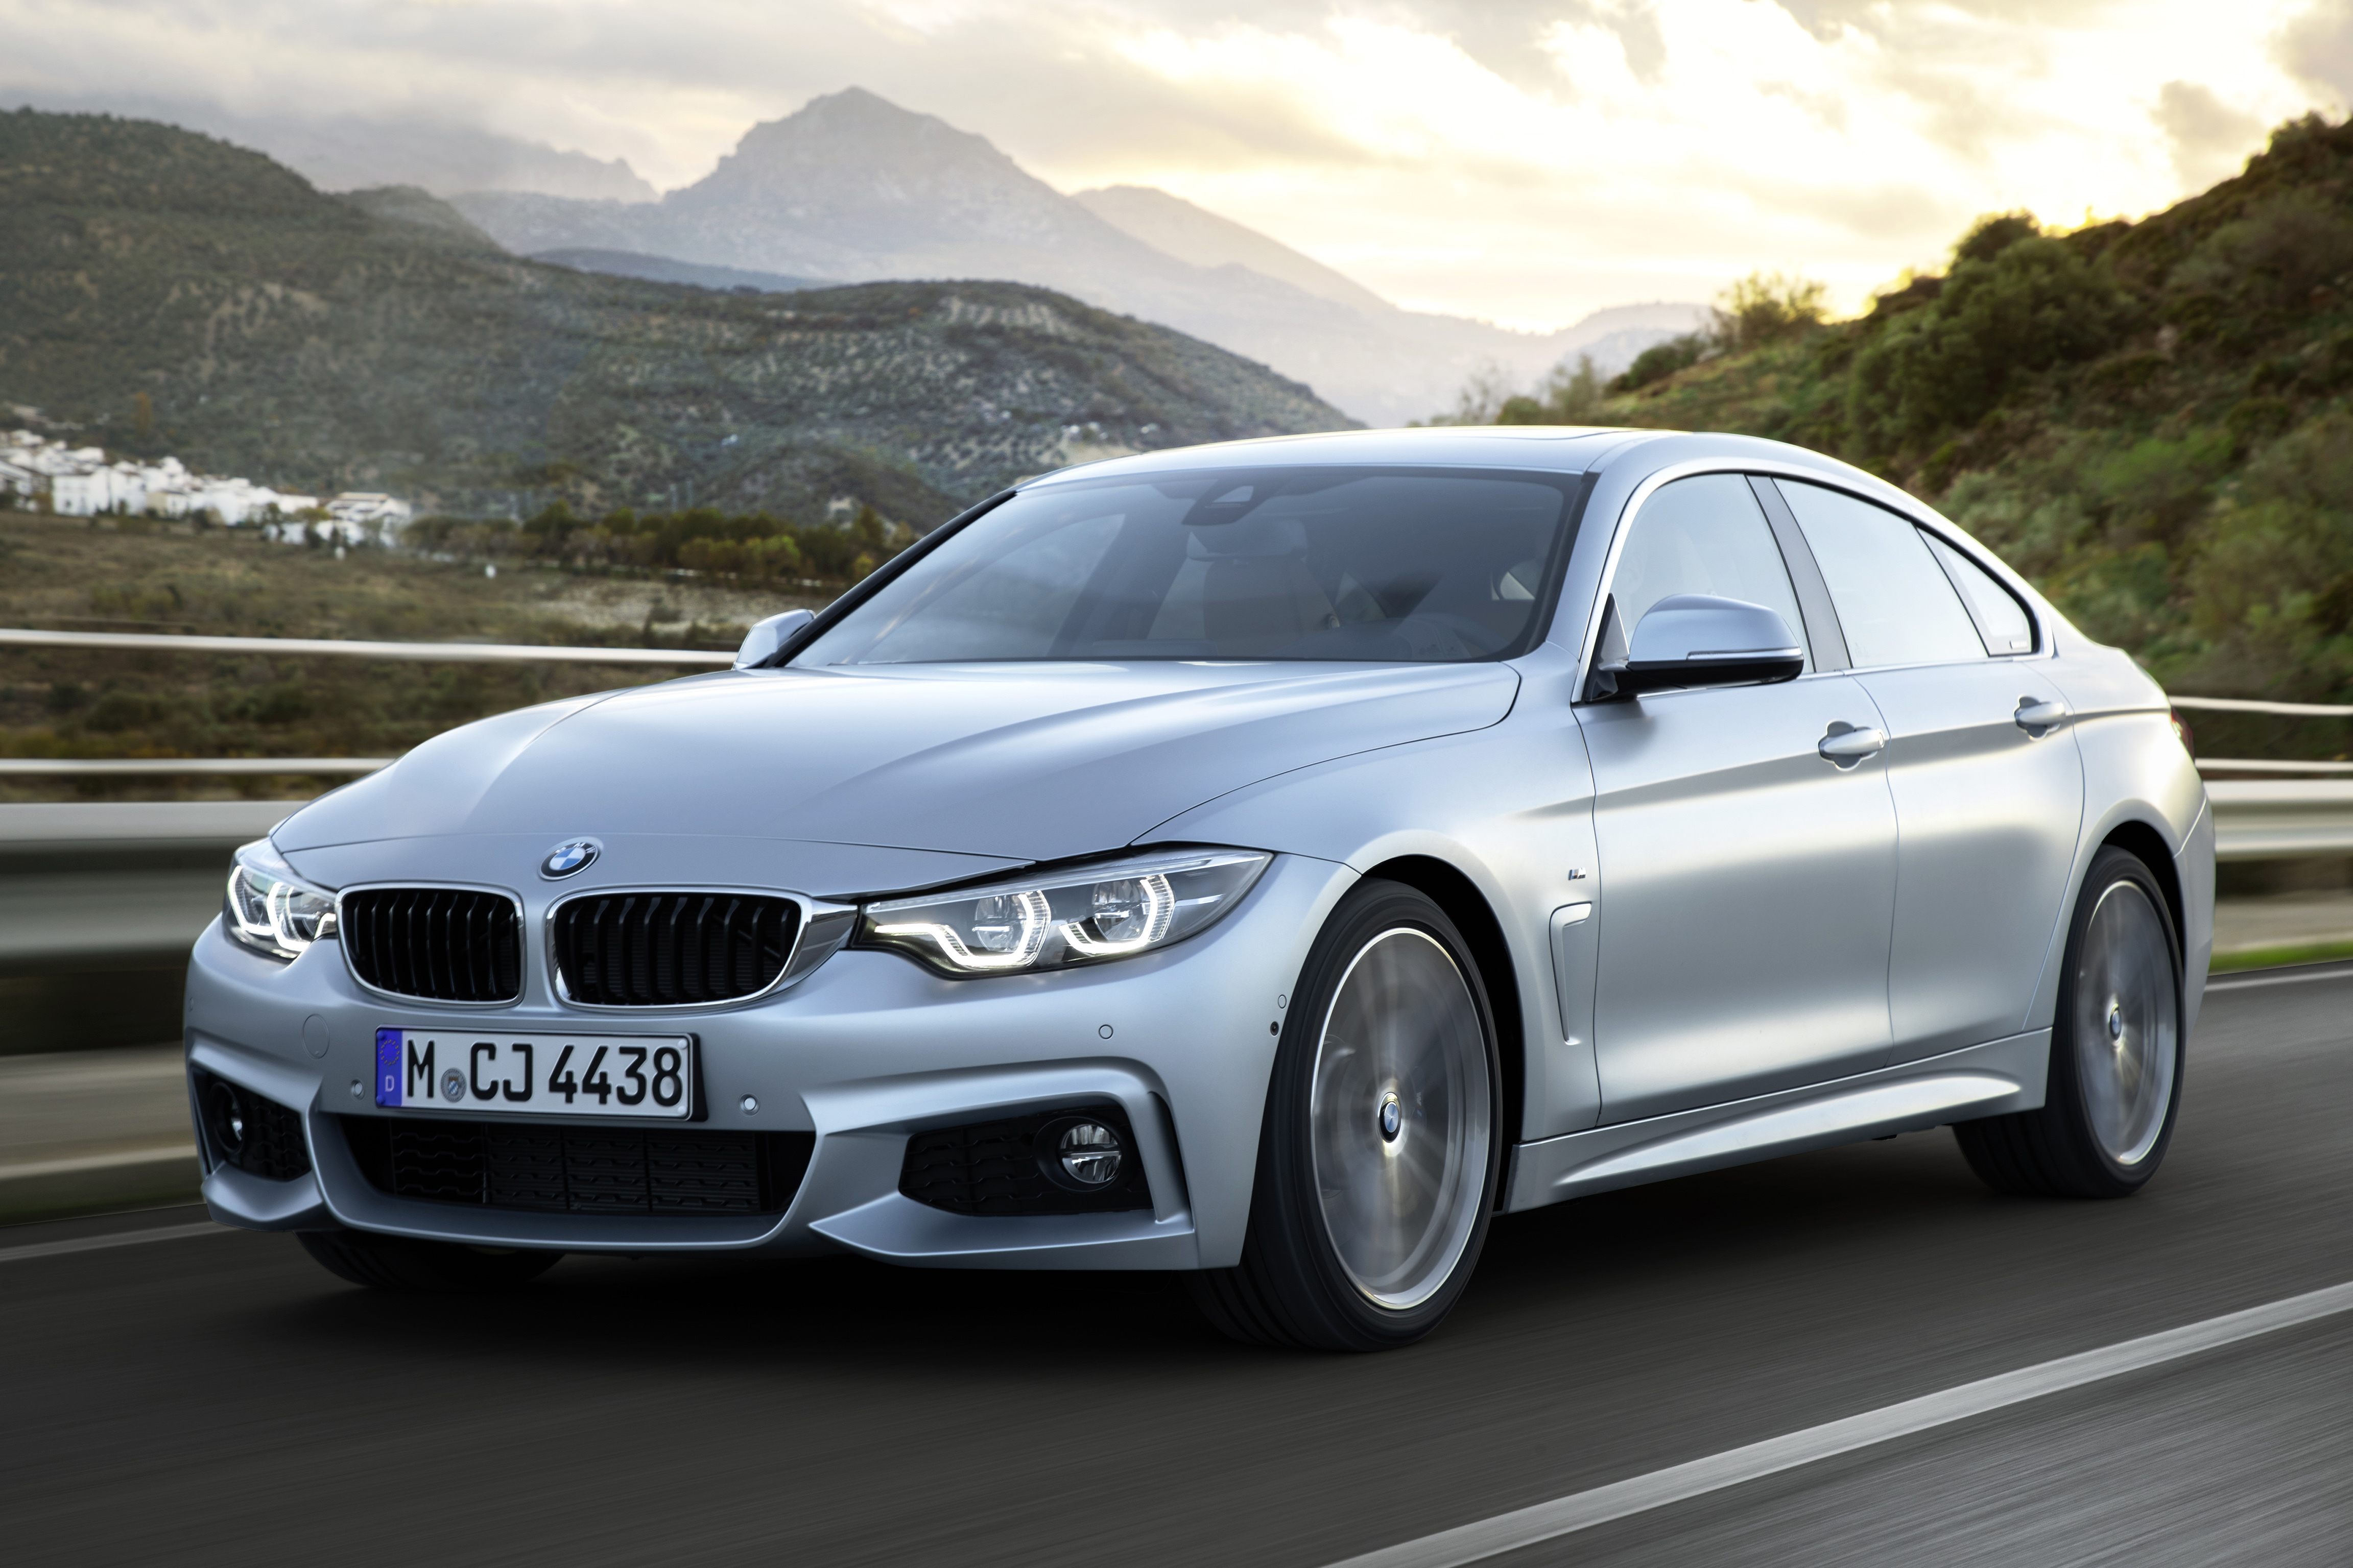 BMW4シリーズ2016年販売台数のモデル別の内訳!4シリーズグランクーペの販売比率は?BMW F36プロマネとの対話記事が興味深い^^